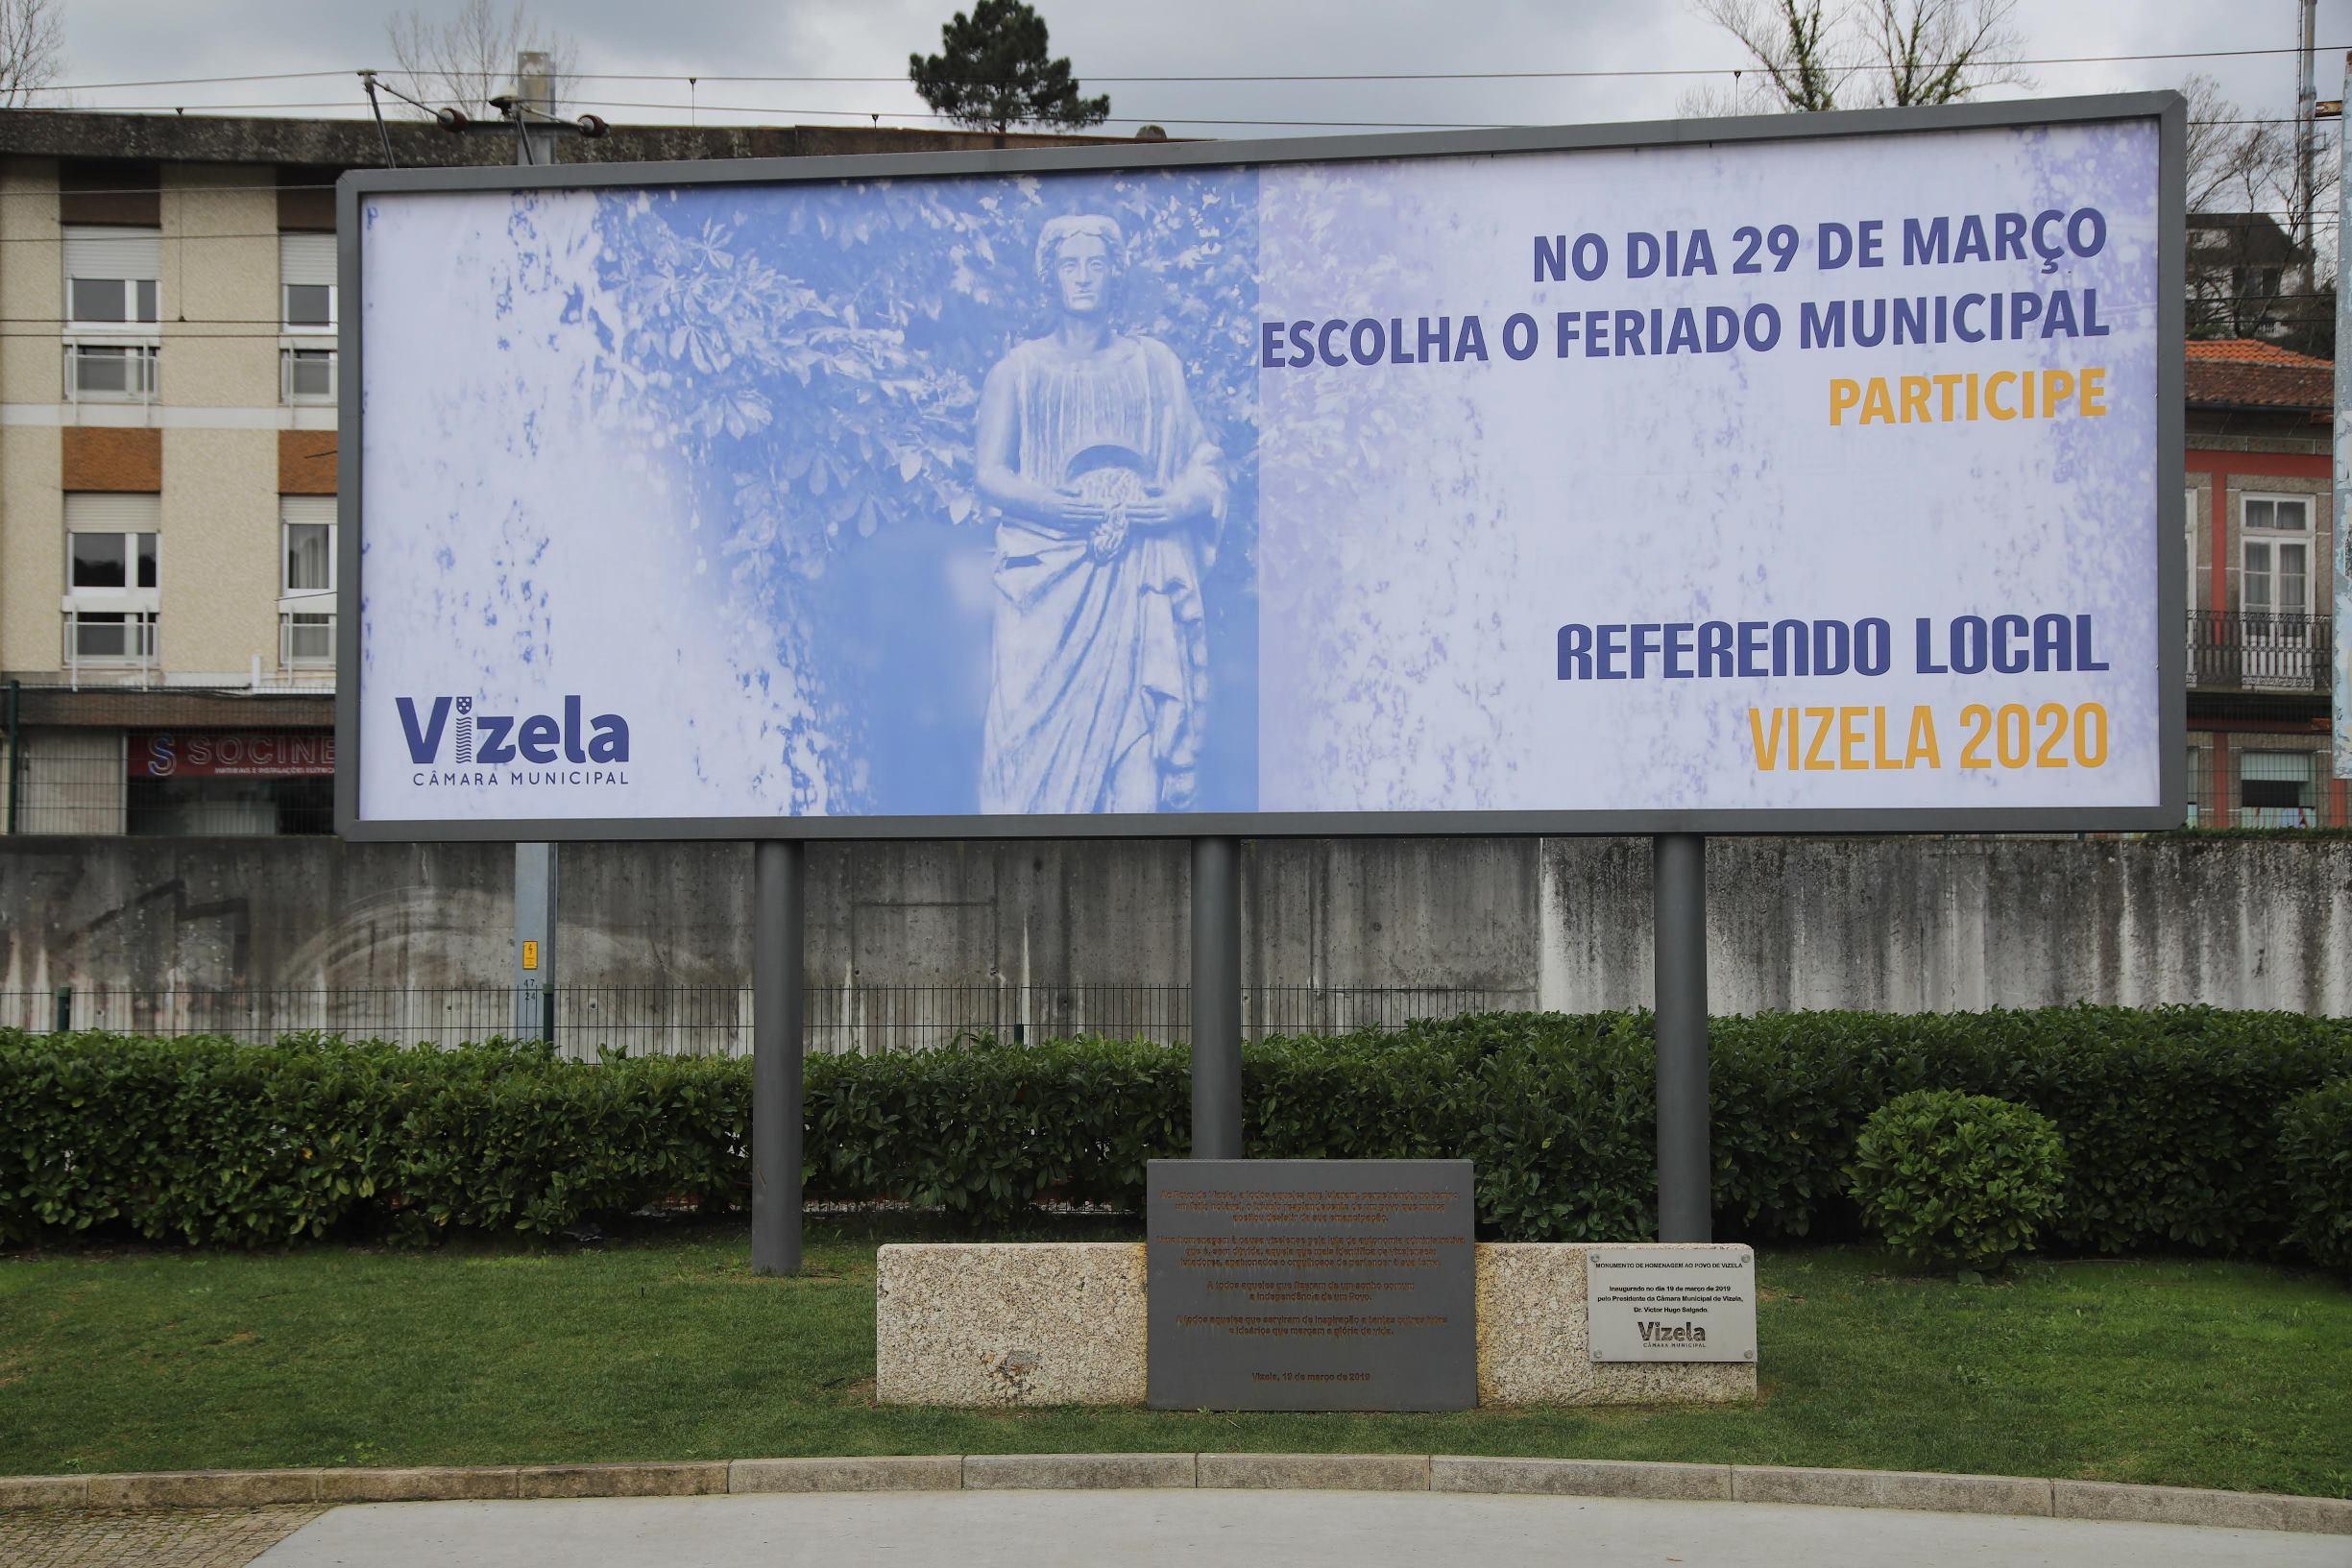 Iniciou campanha de divulgação do referendo do feriado municipal